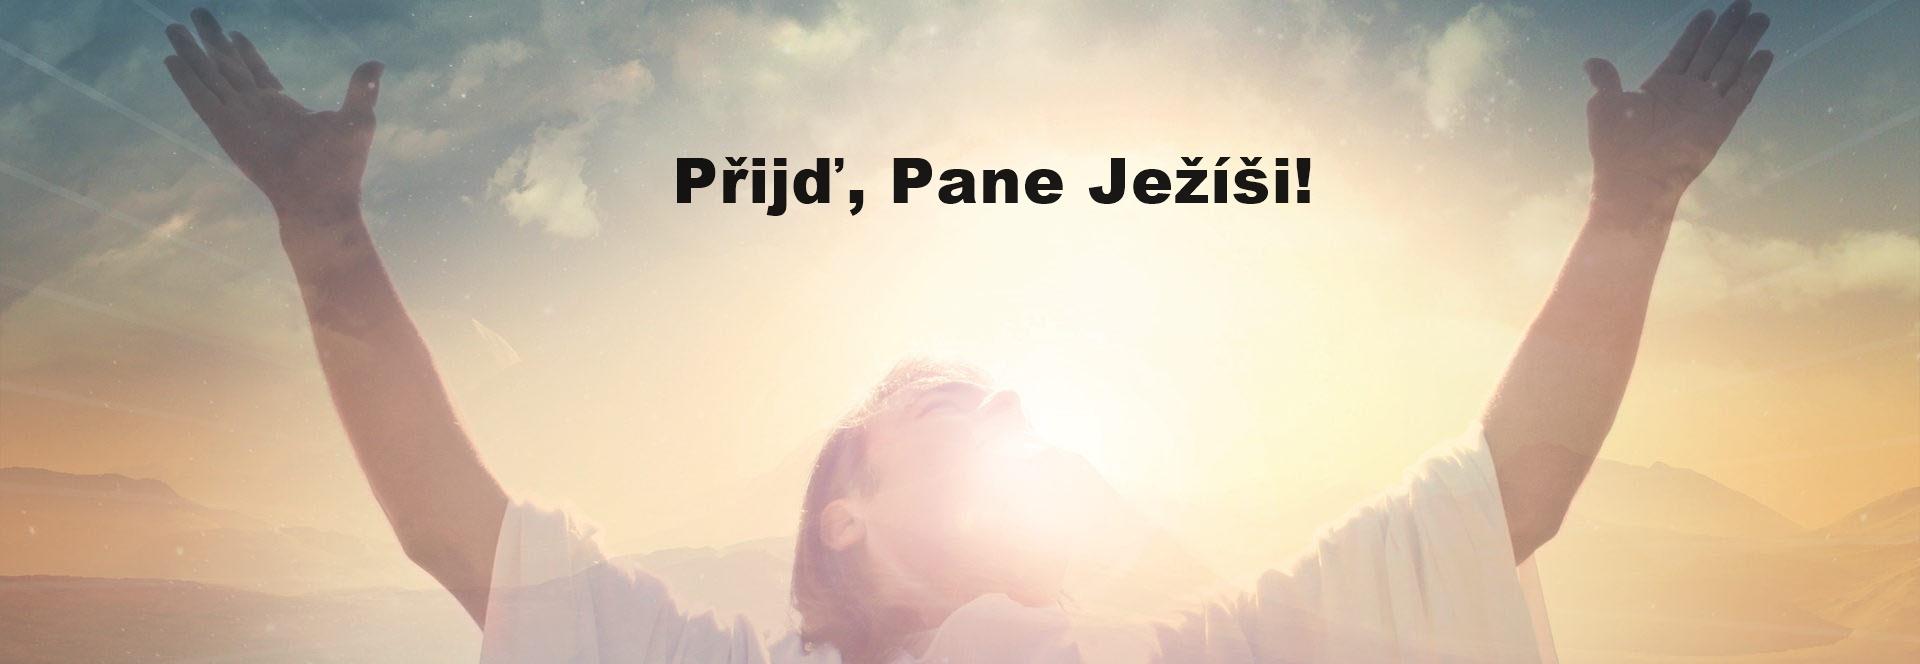 Bůh je láska, milosrdný a laskavý